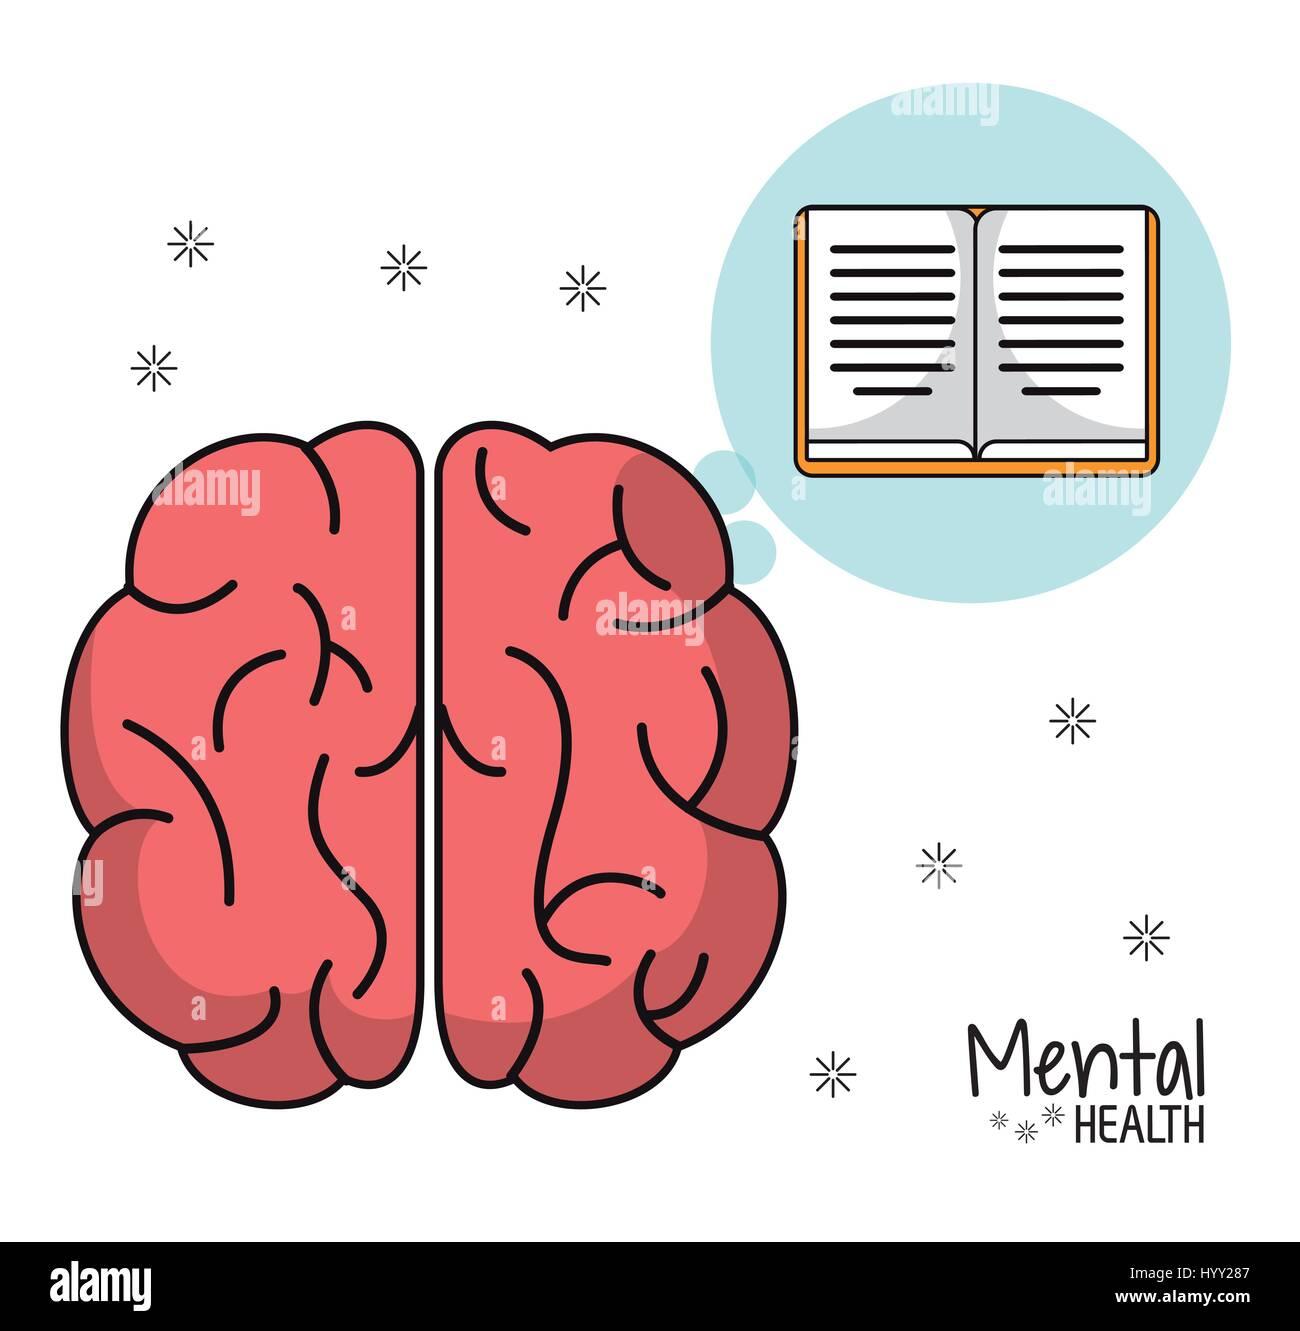 Salud mental el cerebro aprende diseño de libro Imagen De Stock